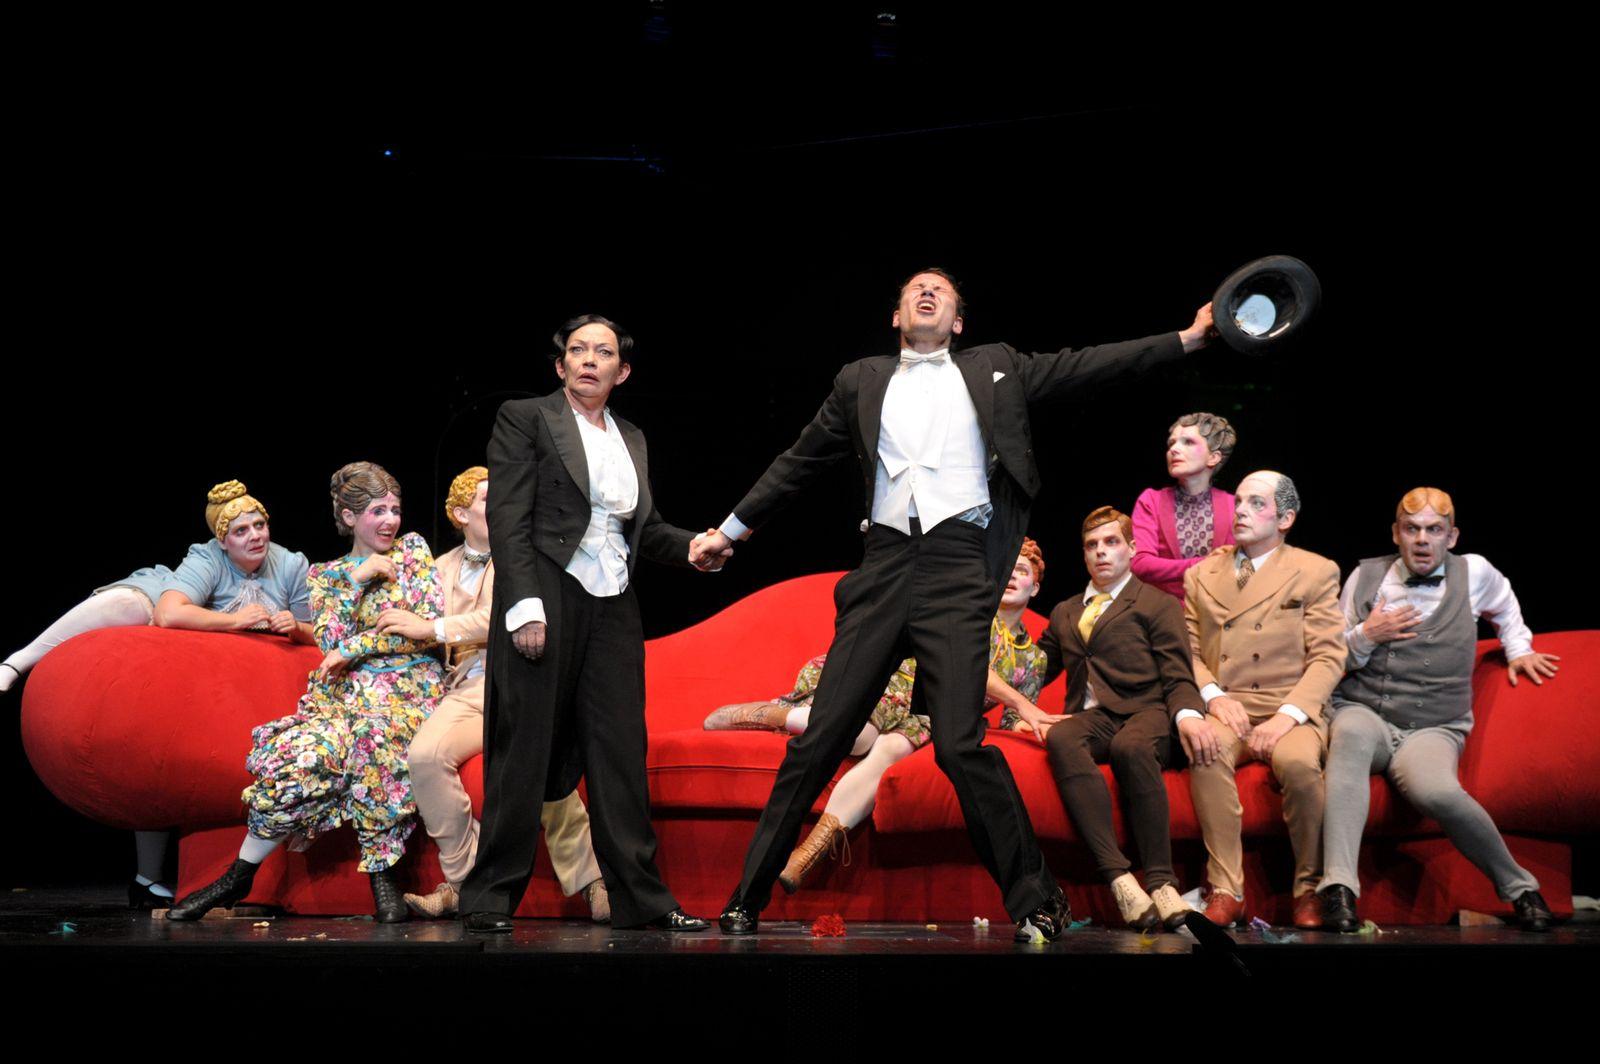 EINMALIGE VERWENDUNG Der Raub der Sabinerinnen / Thalia Theater